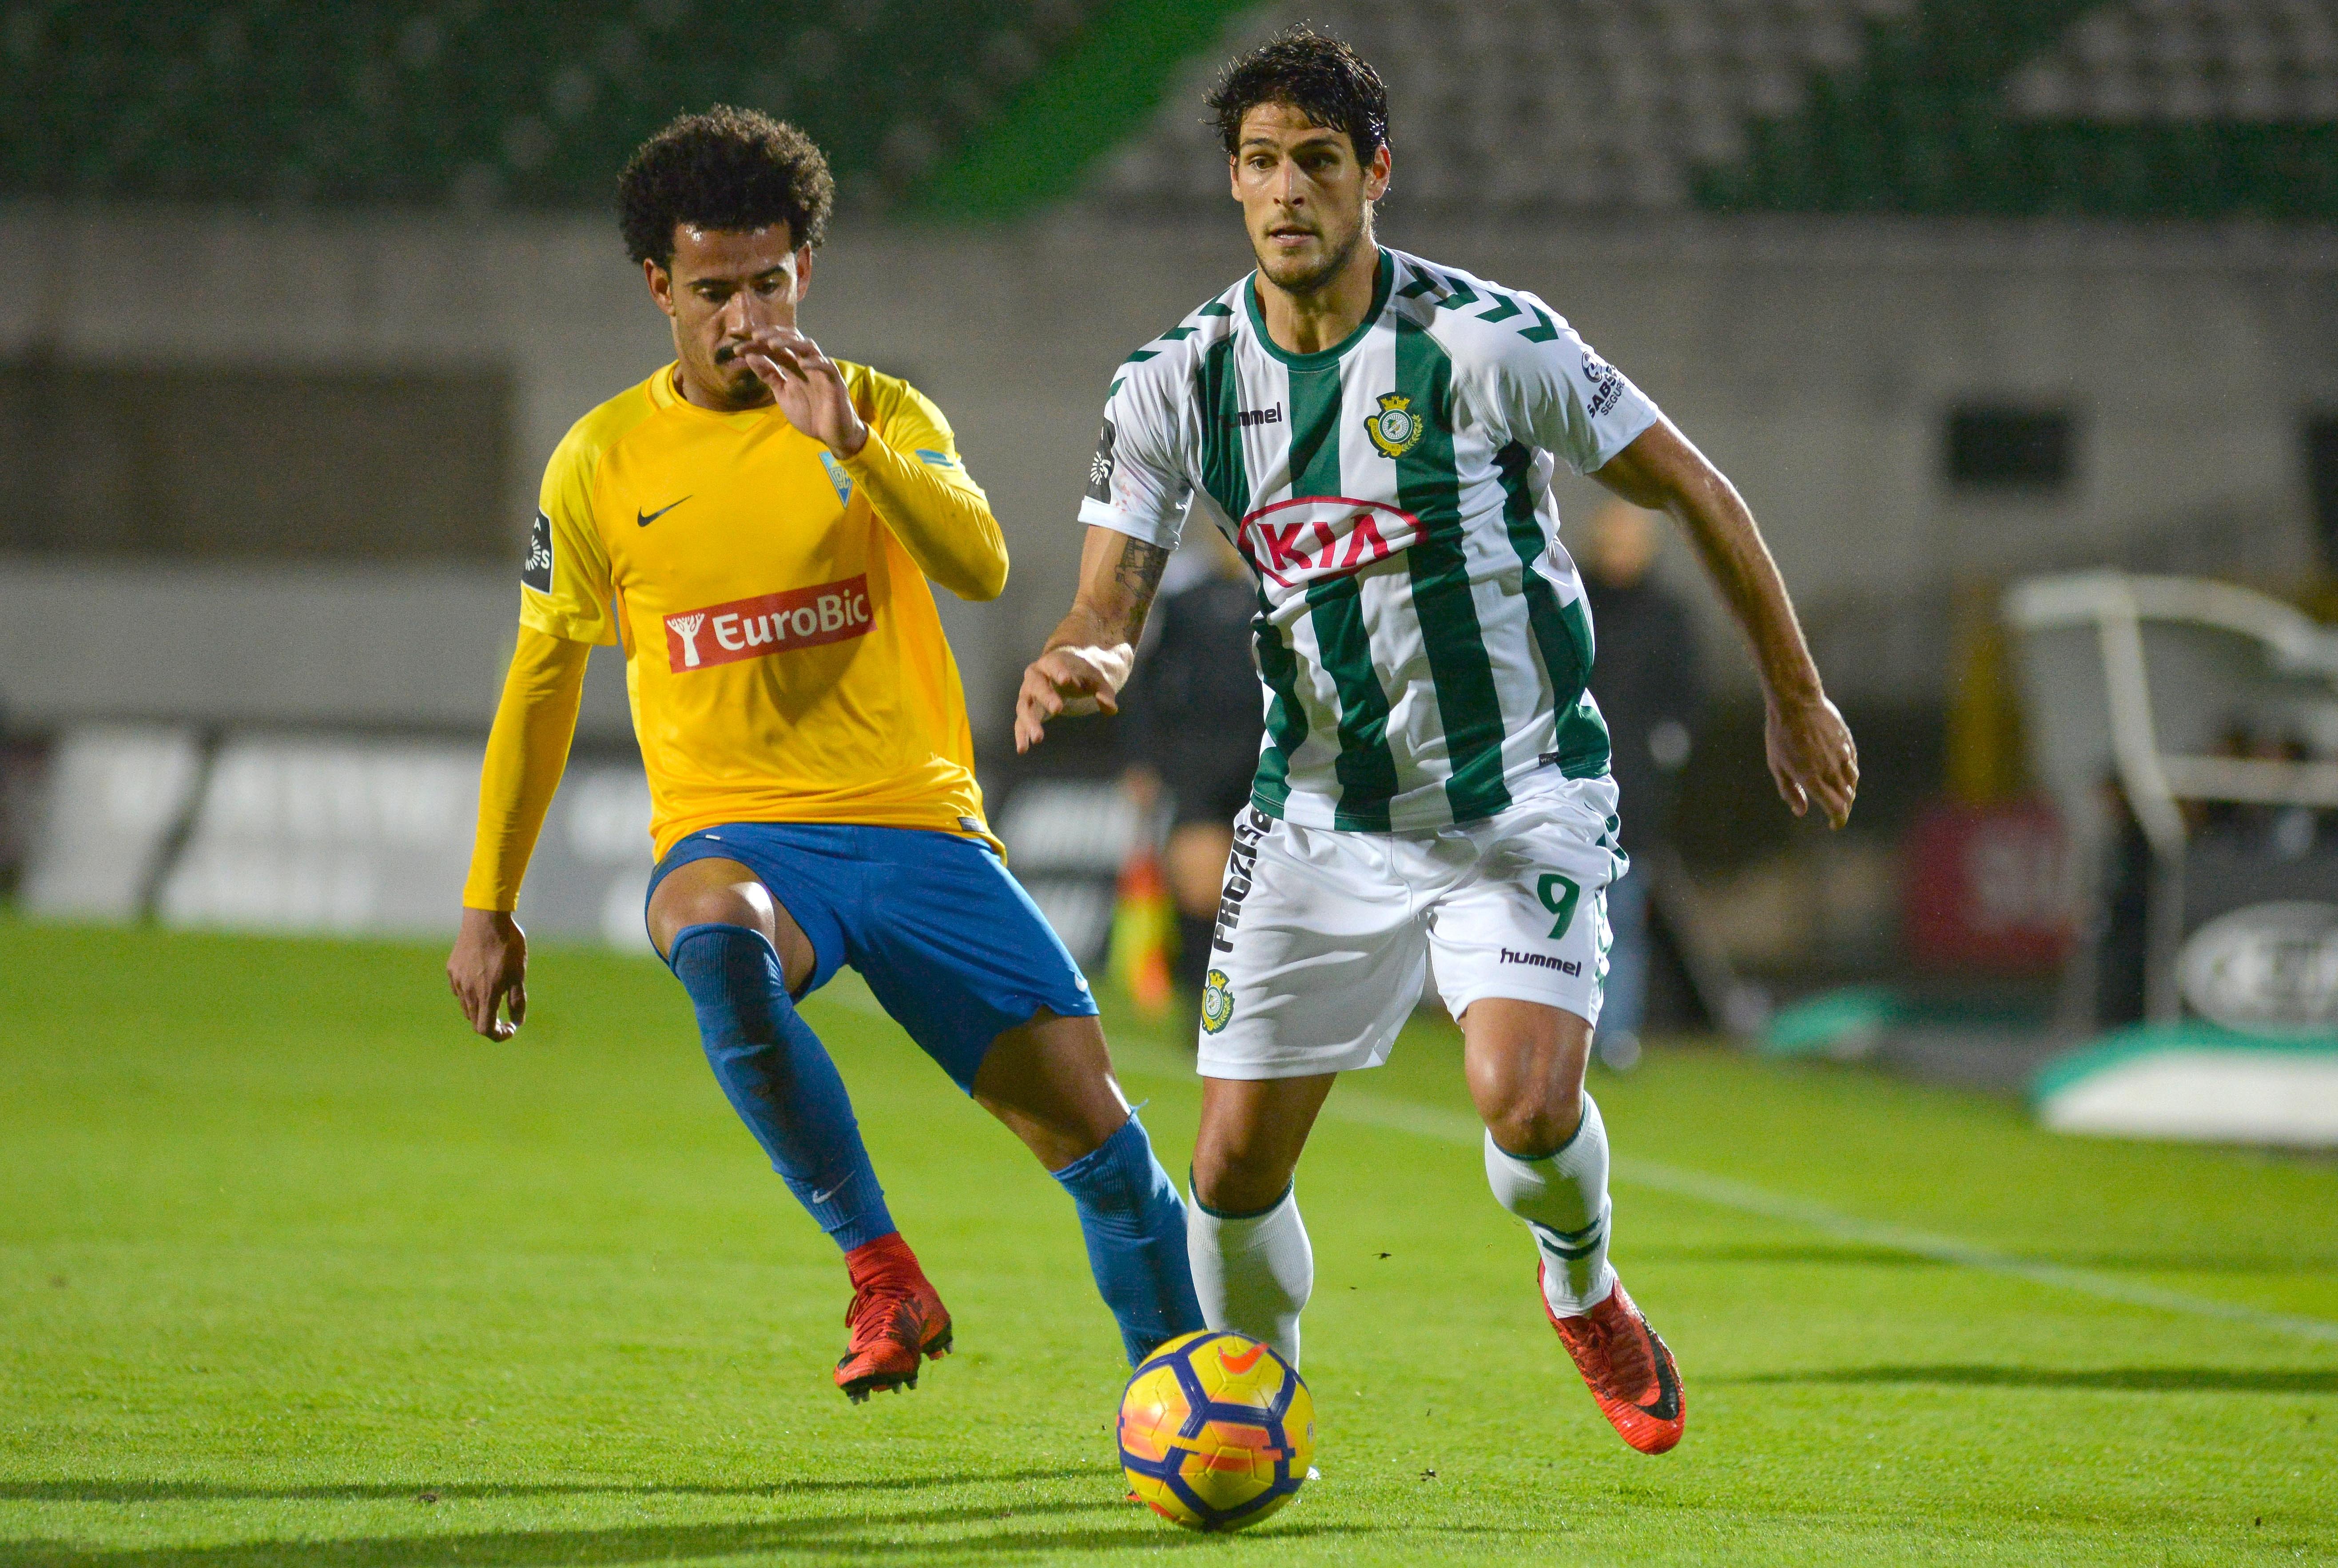 Resultado final: Vitória FC-Estoril, 2-2